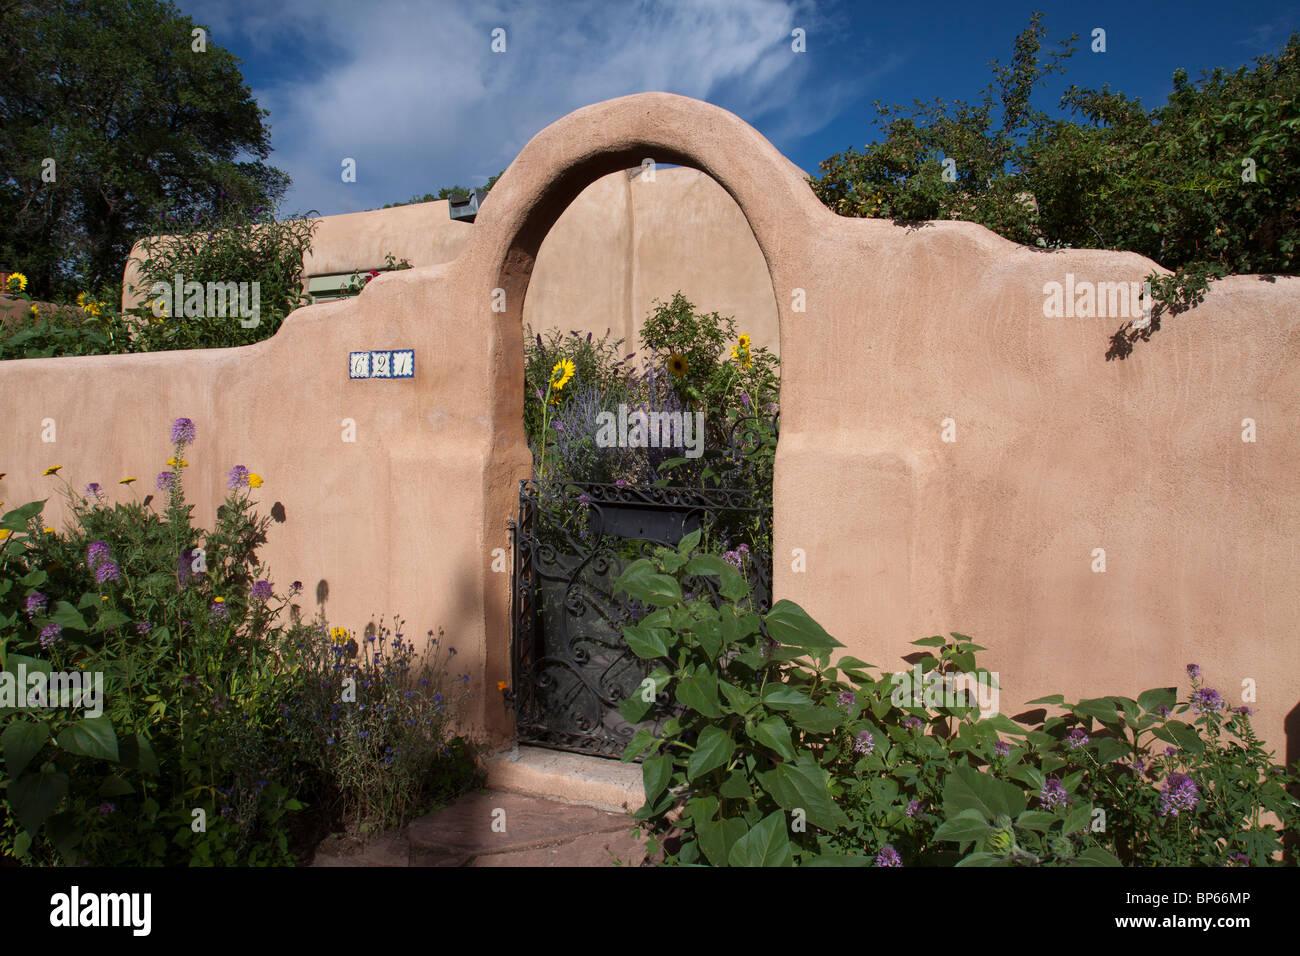 Haus mit Adobe Mäuerchen mit gewölbte Eingangstor in Pueblo-Revival-Stil-Architektur des Südwestens Stockbild